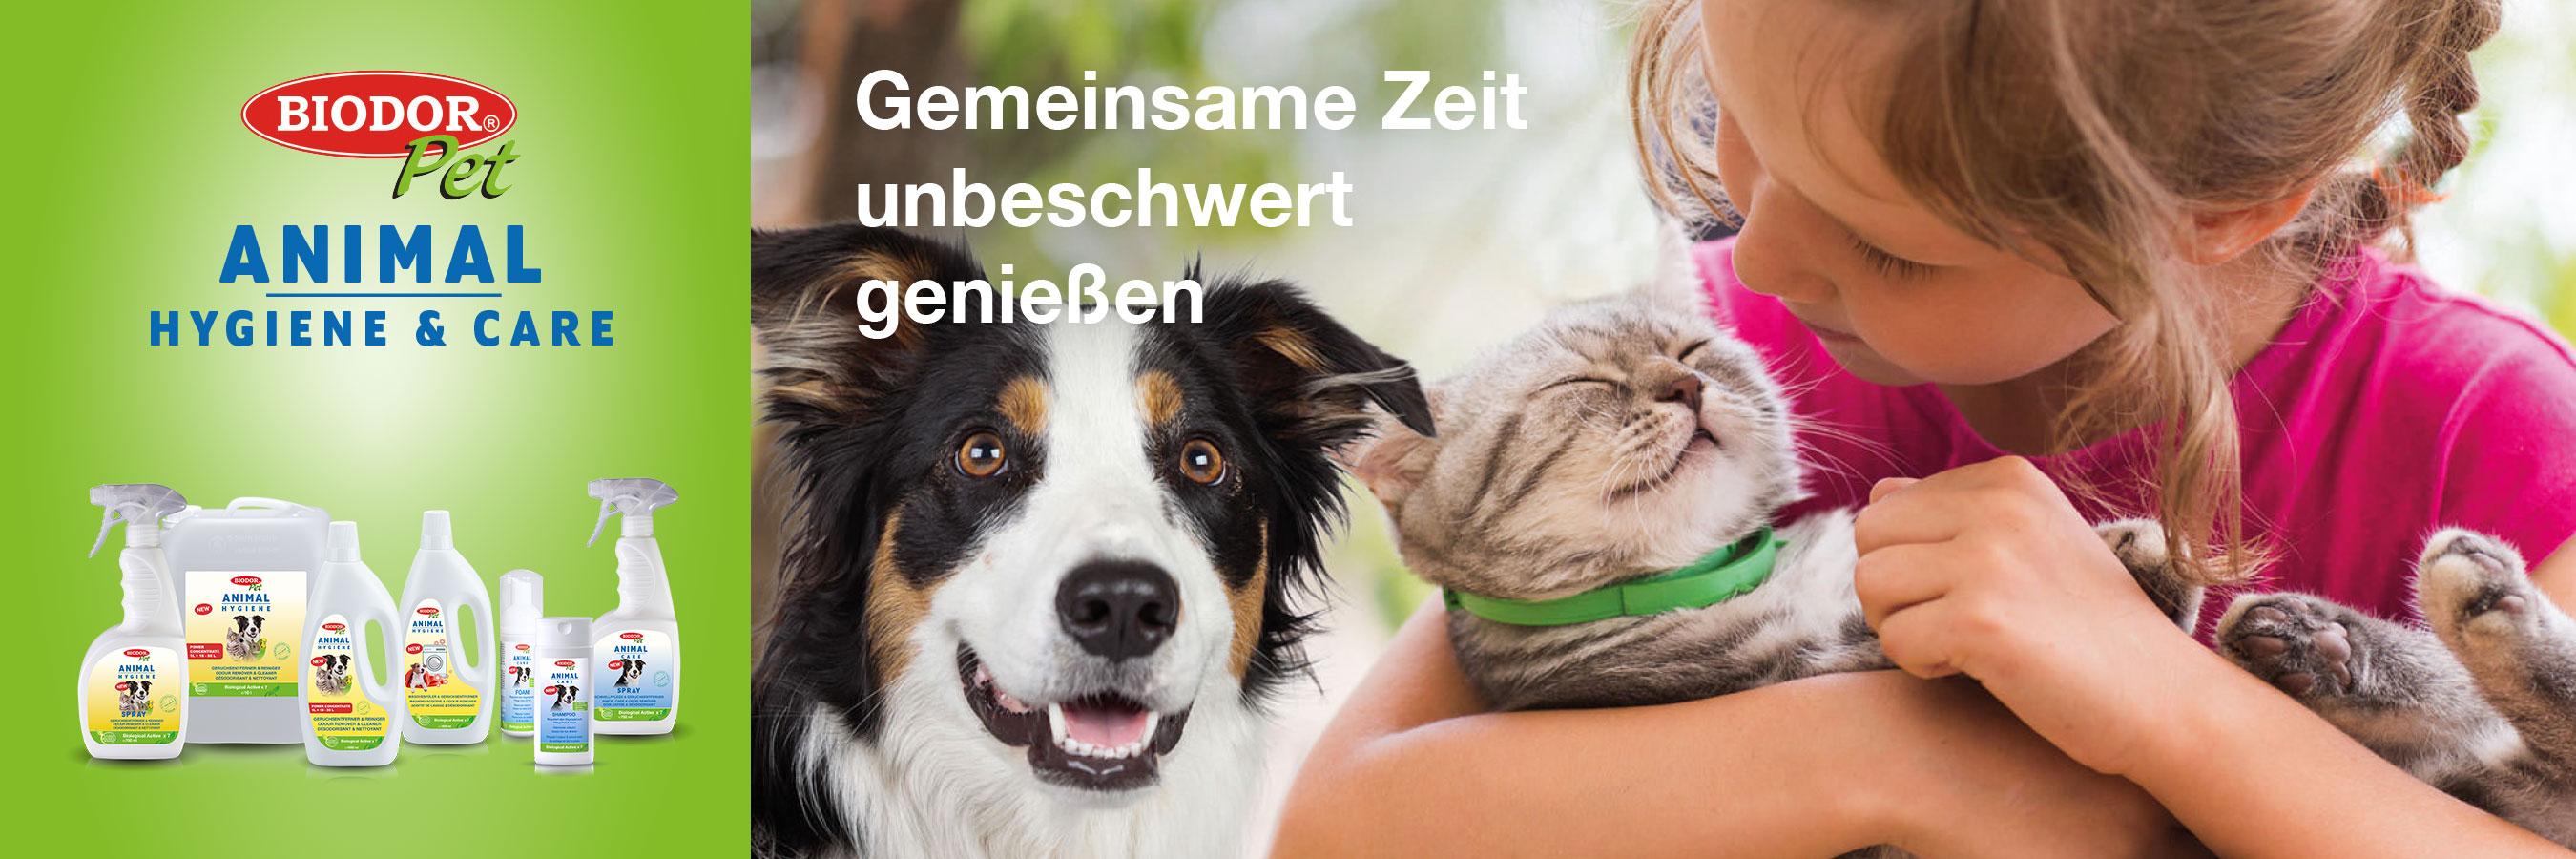 Biodor Pet Geruchsentferner und Pflegeprodukte